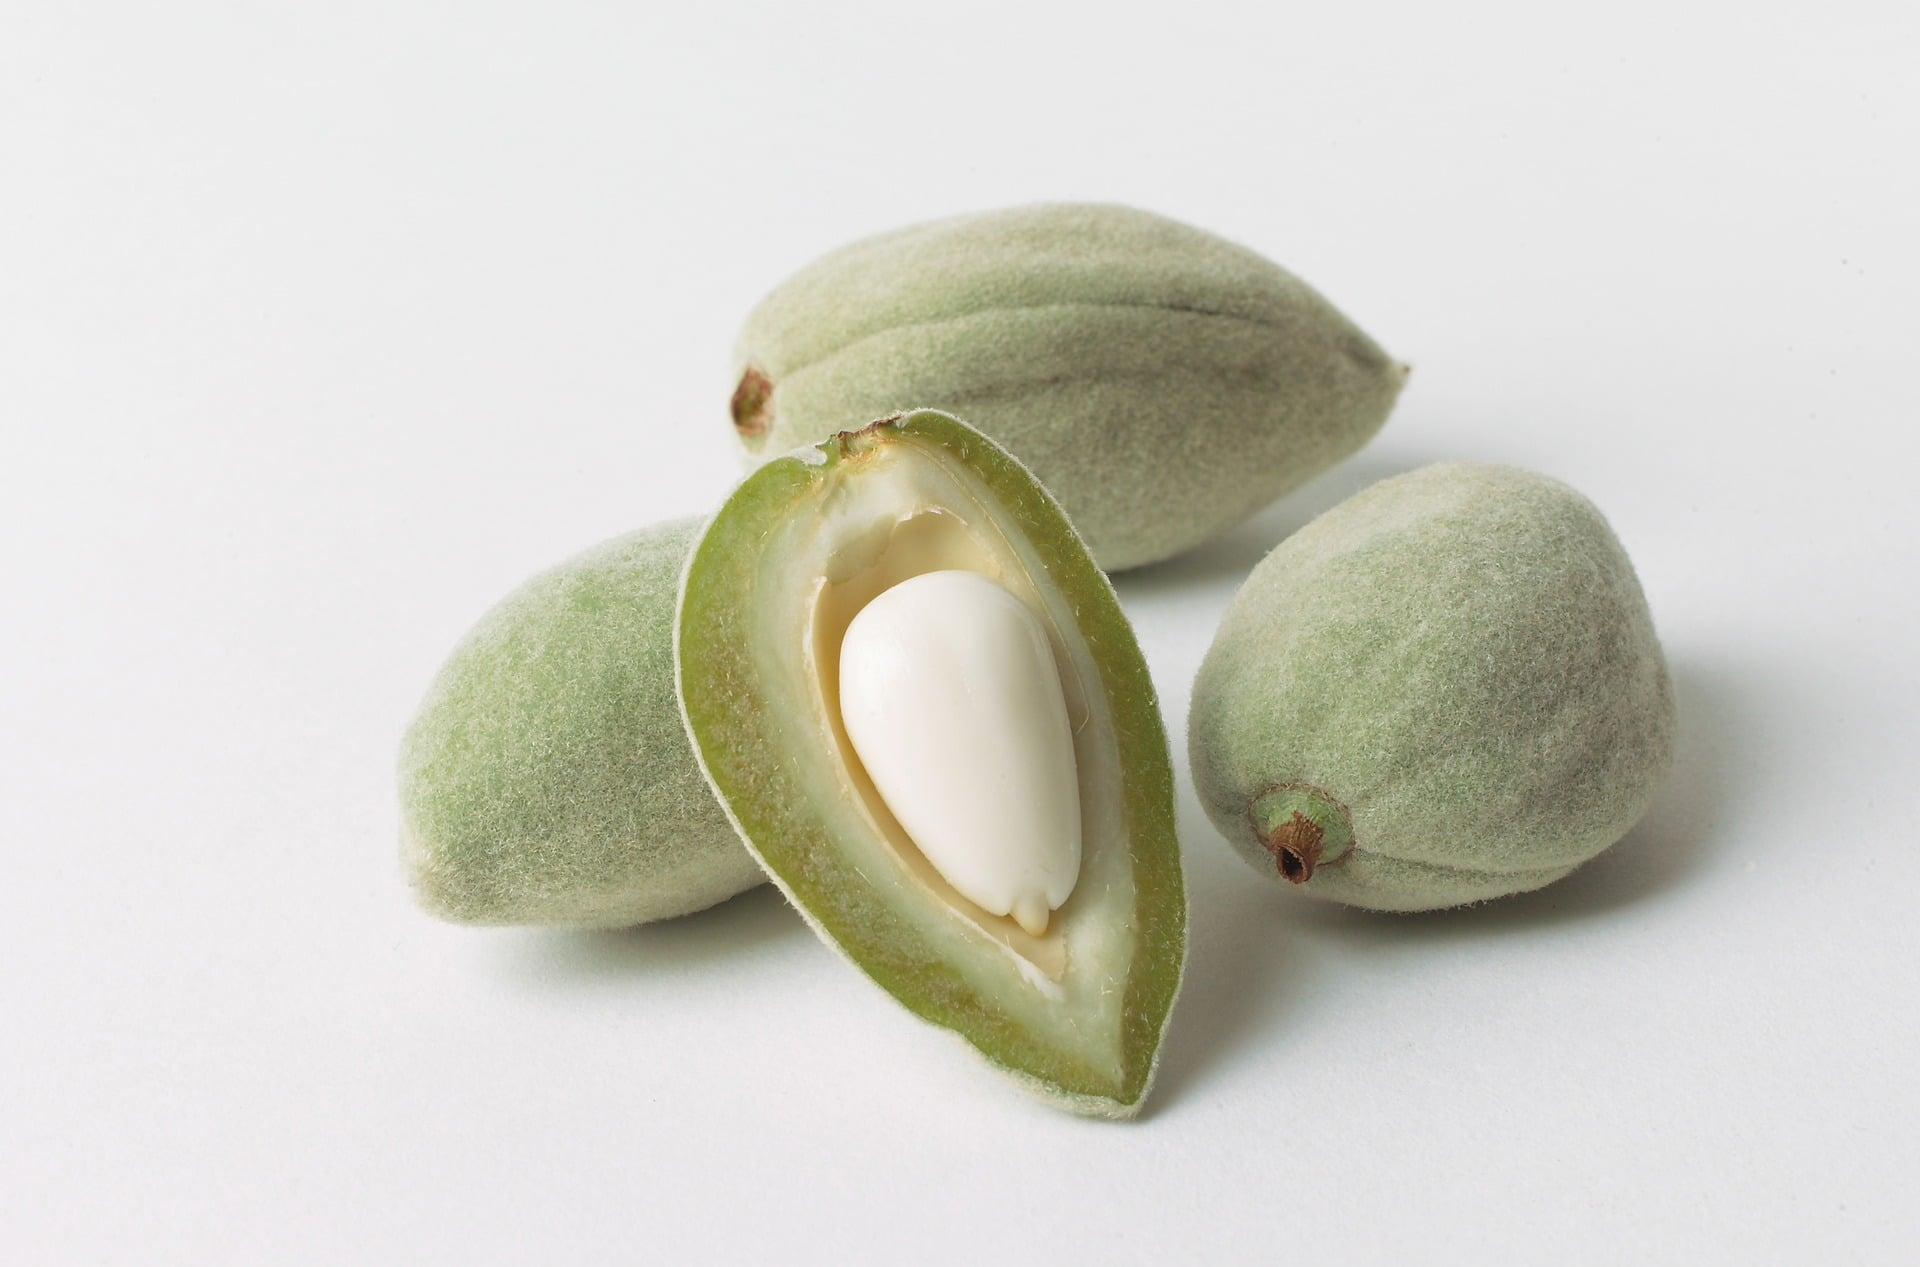 Plodem mandloně obecné je zelená peckovice / foto: pixabay.com